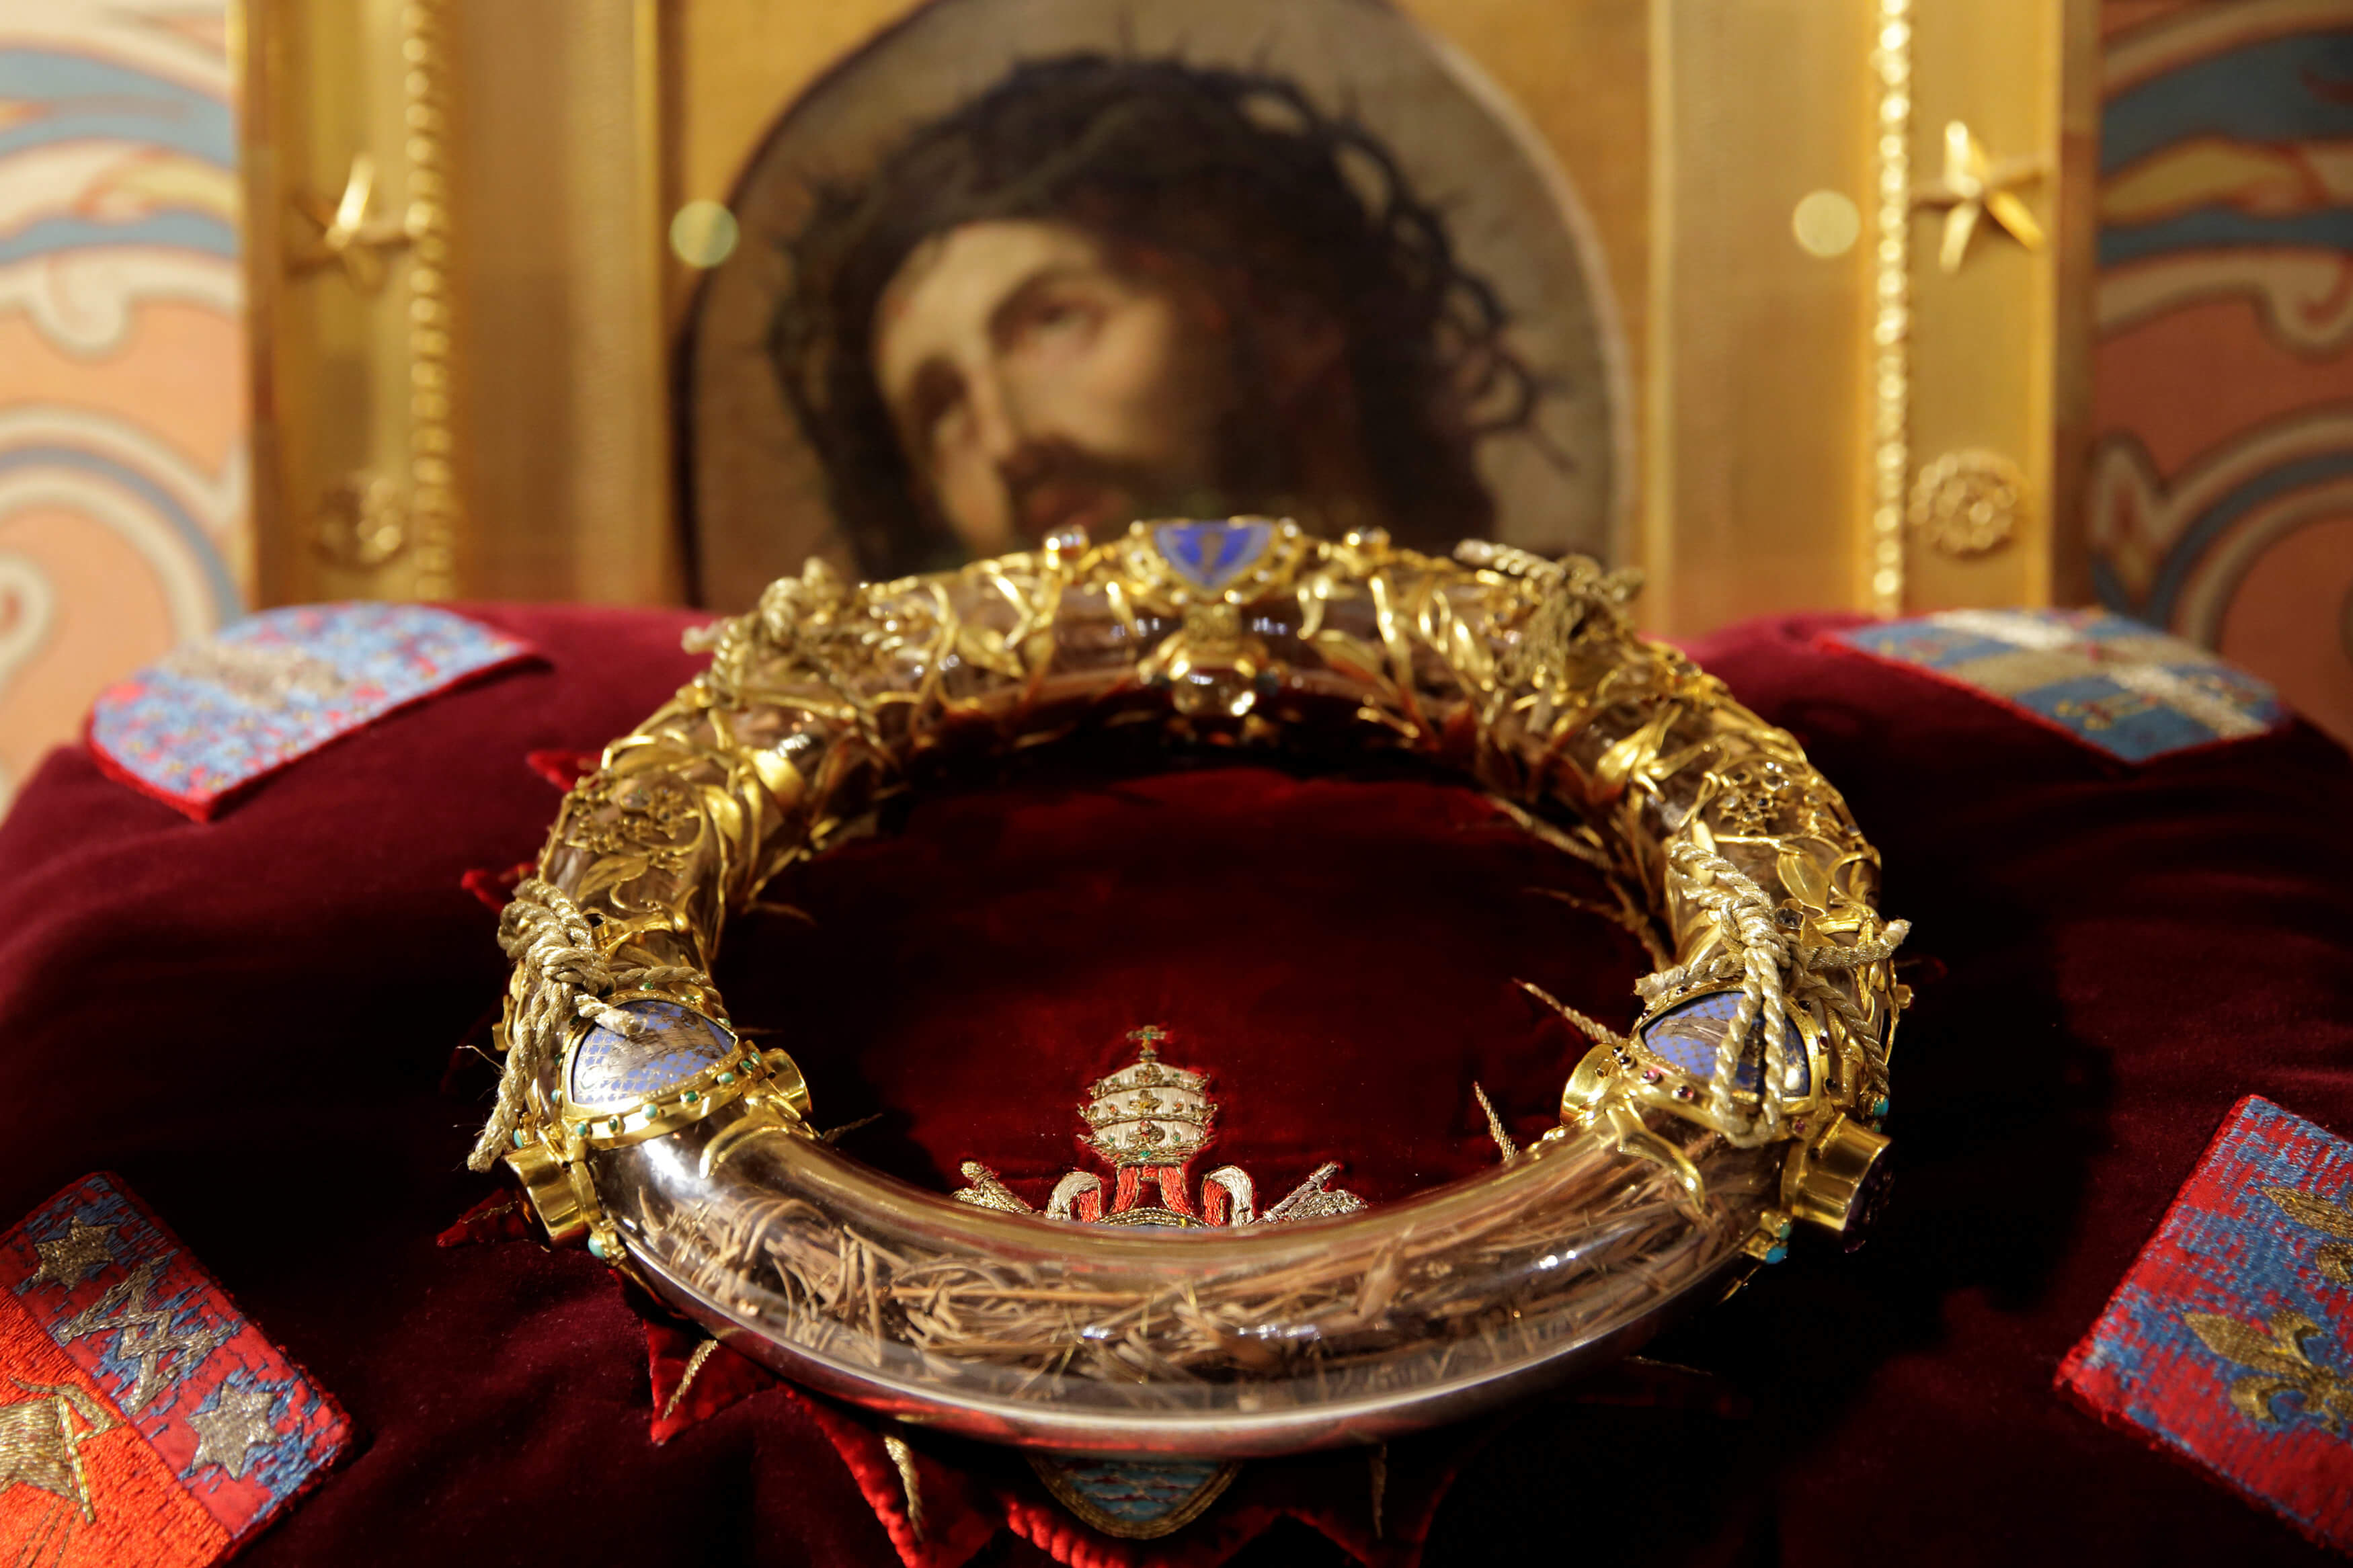 Έτσι σώθηκαν από τις πύρινες γλώσσες εκθέματα ανεκτίμητης αξίας στην Παναγία των Παρισίων - Το ακάνθινο στεφάνι του Χριστού και η επιχείρηση σωτηρίας